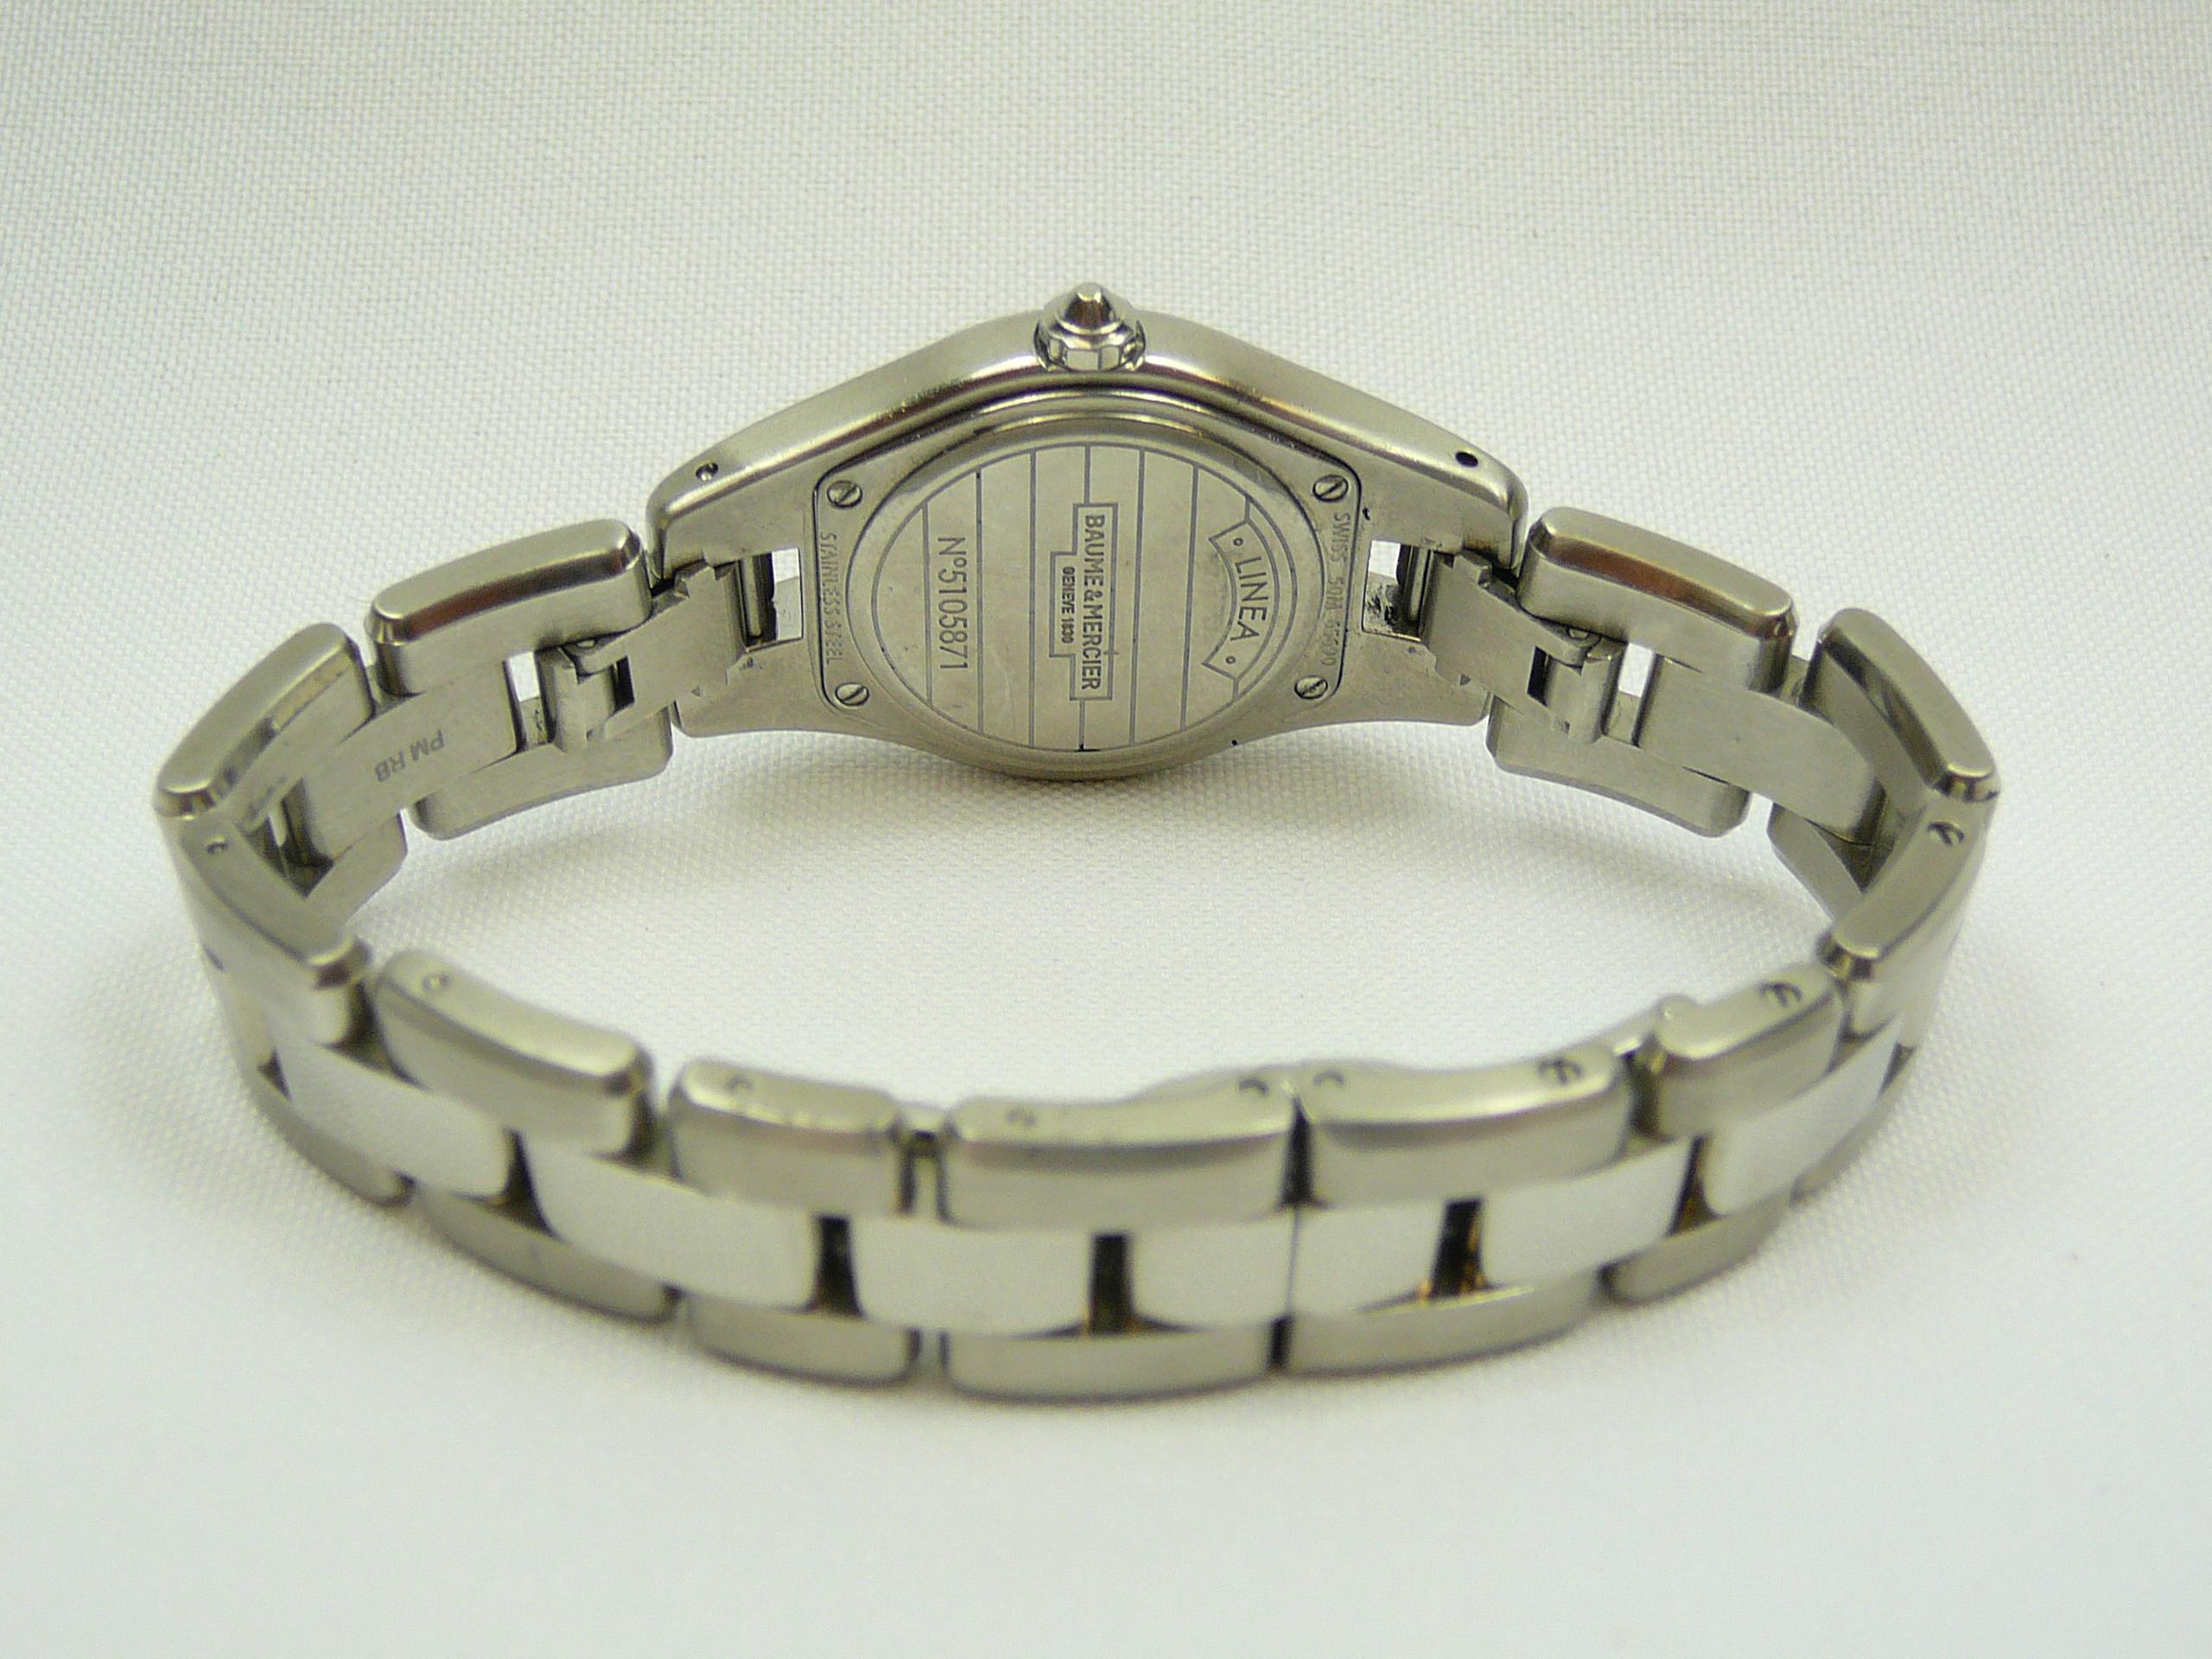 Ladies Baume & Mercier Wrist Watch - Image 3 of 3